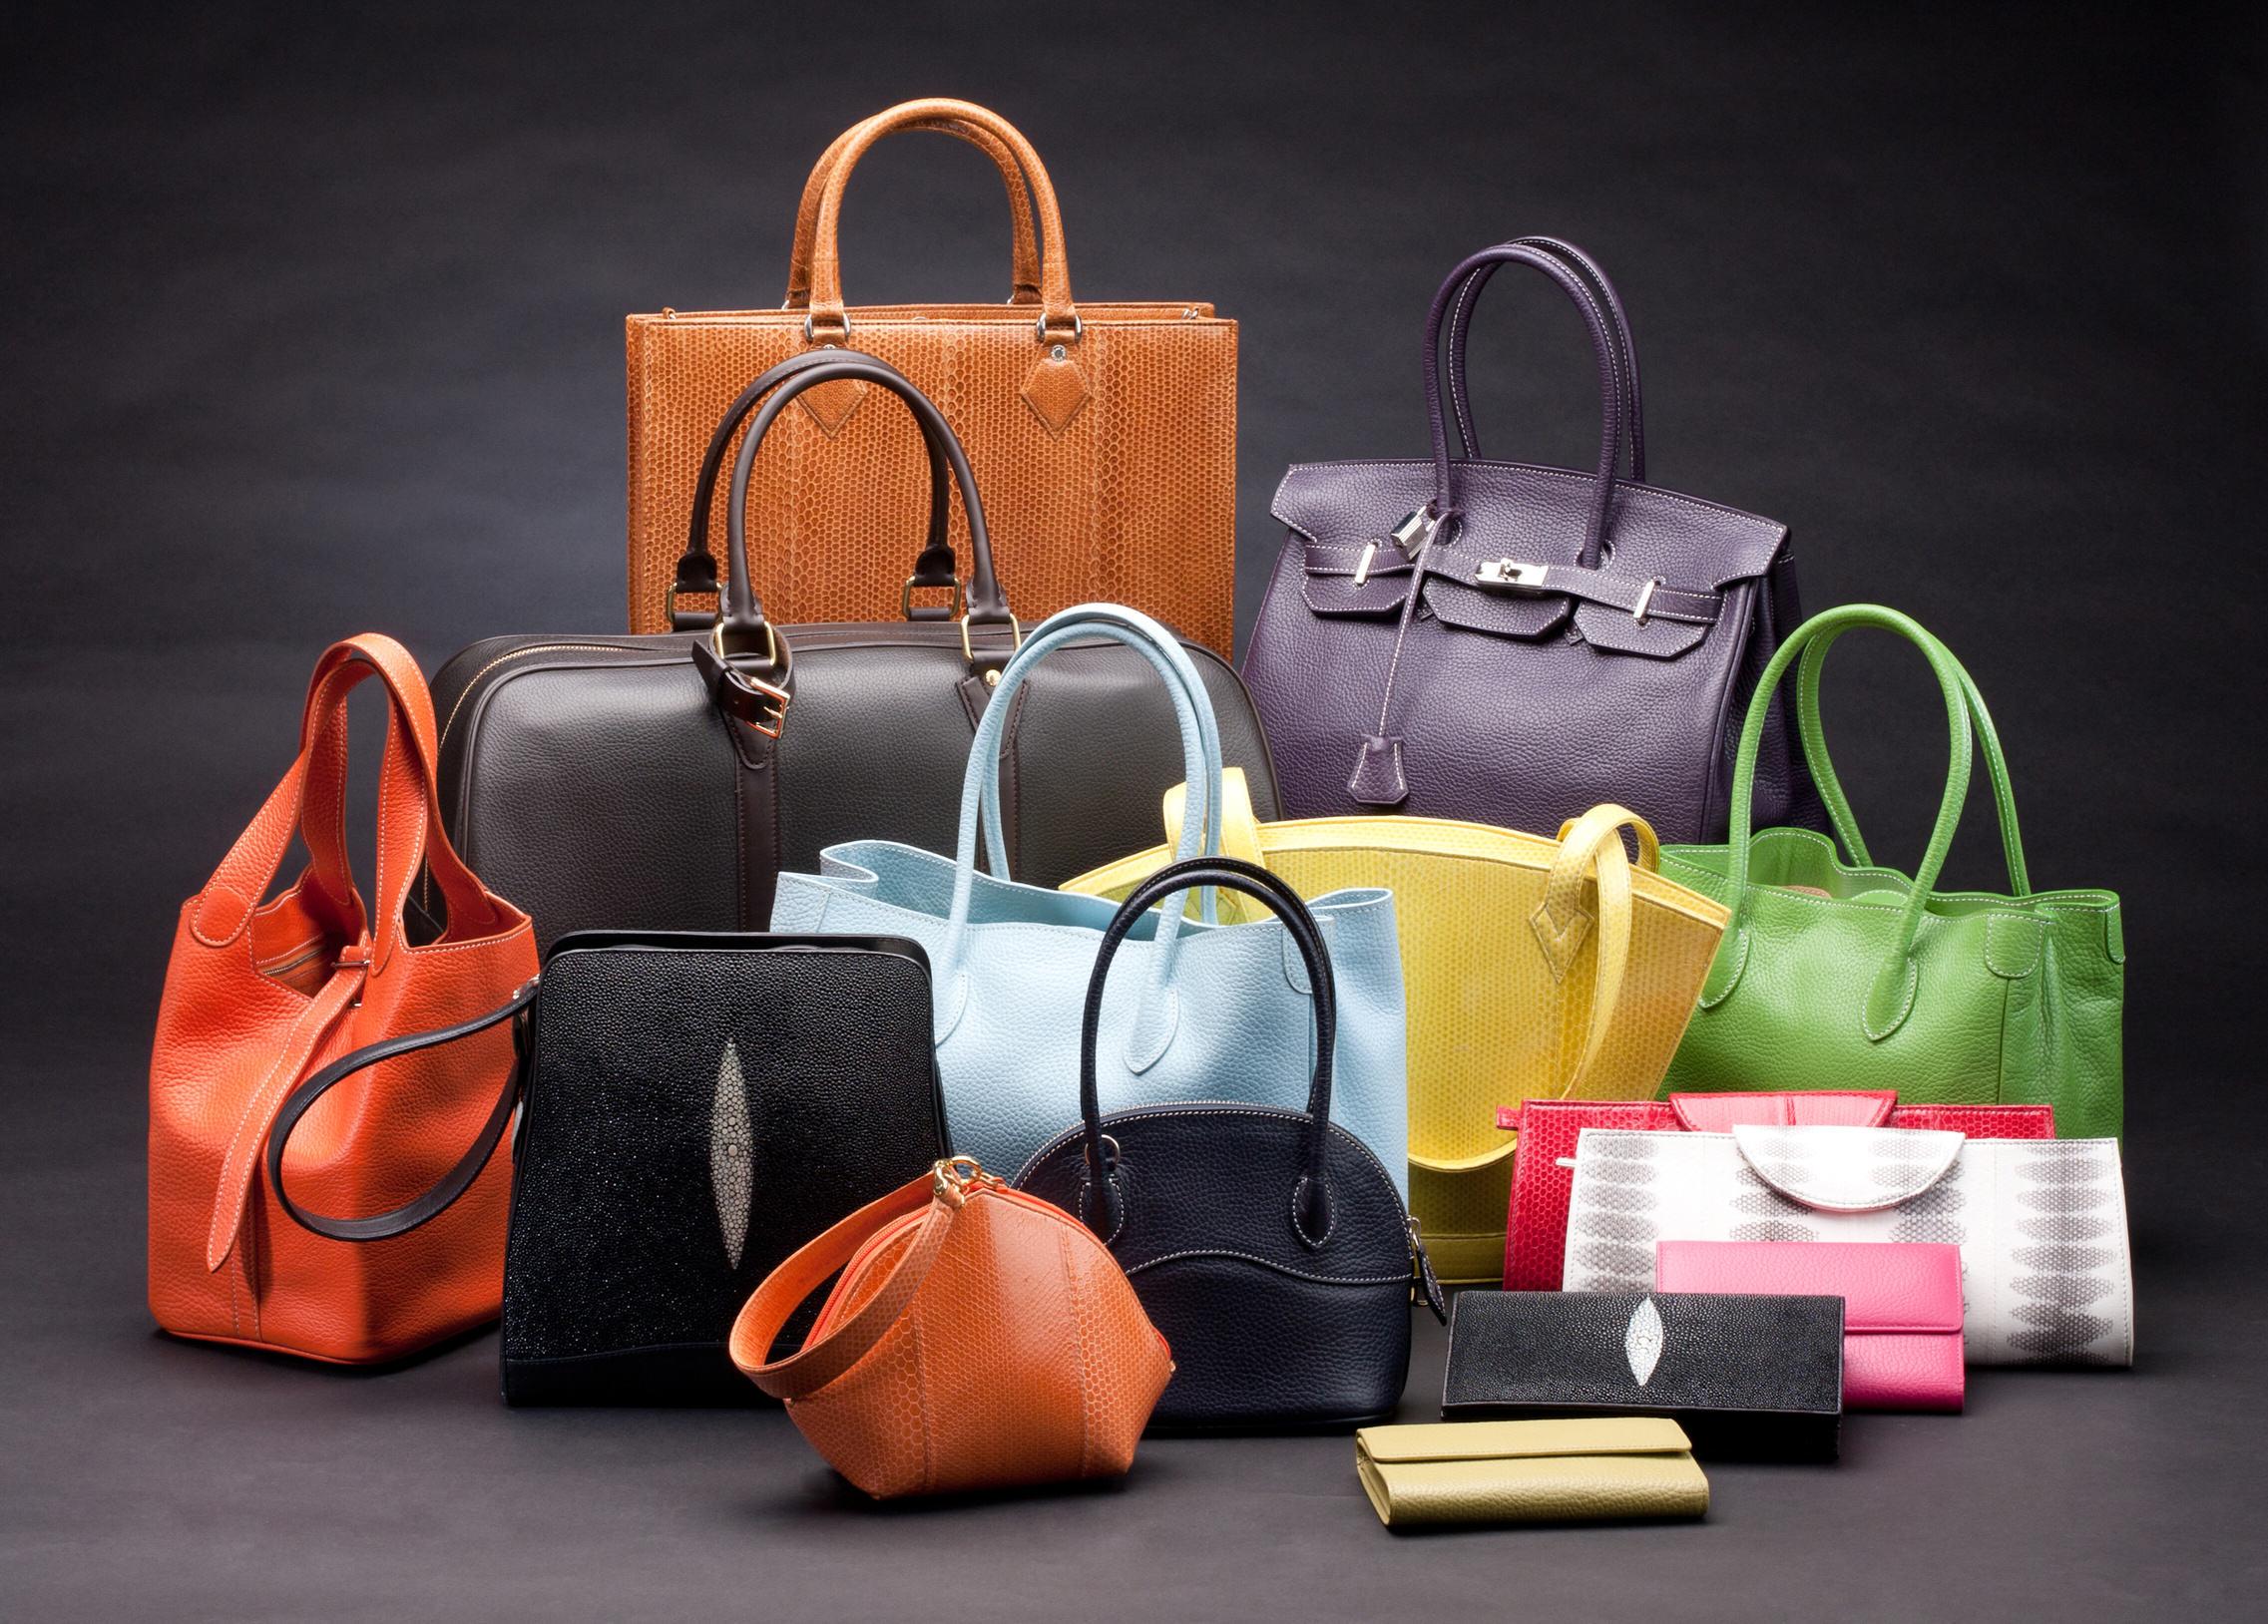 Оптовая продажа итальянских сумок